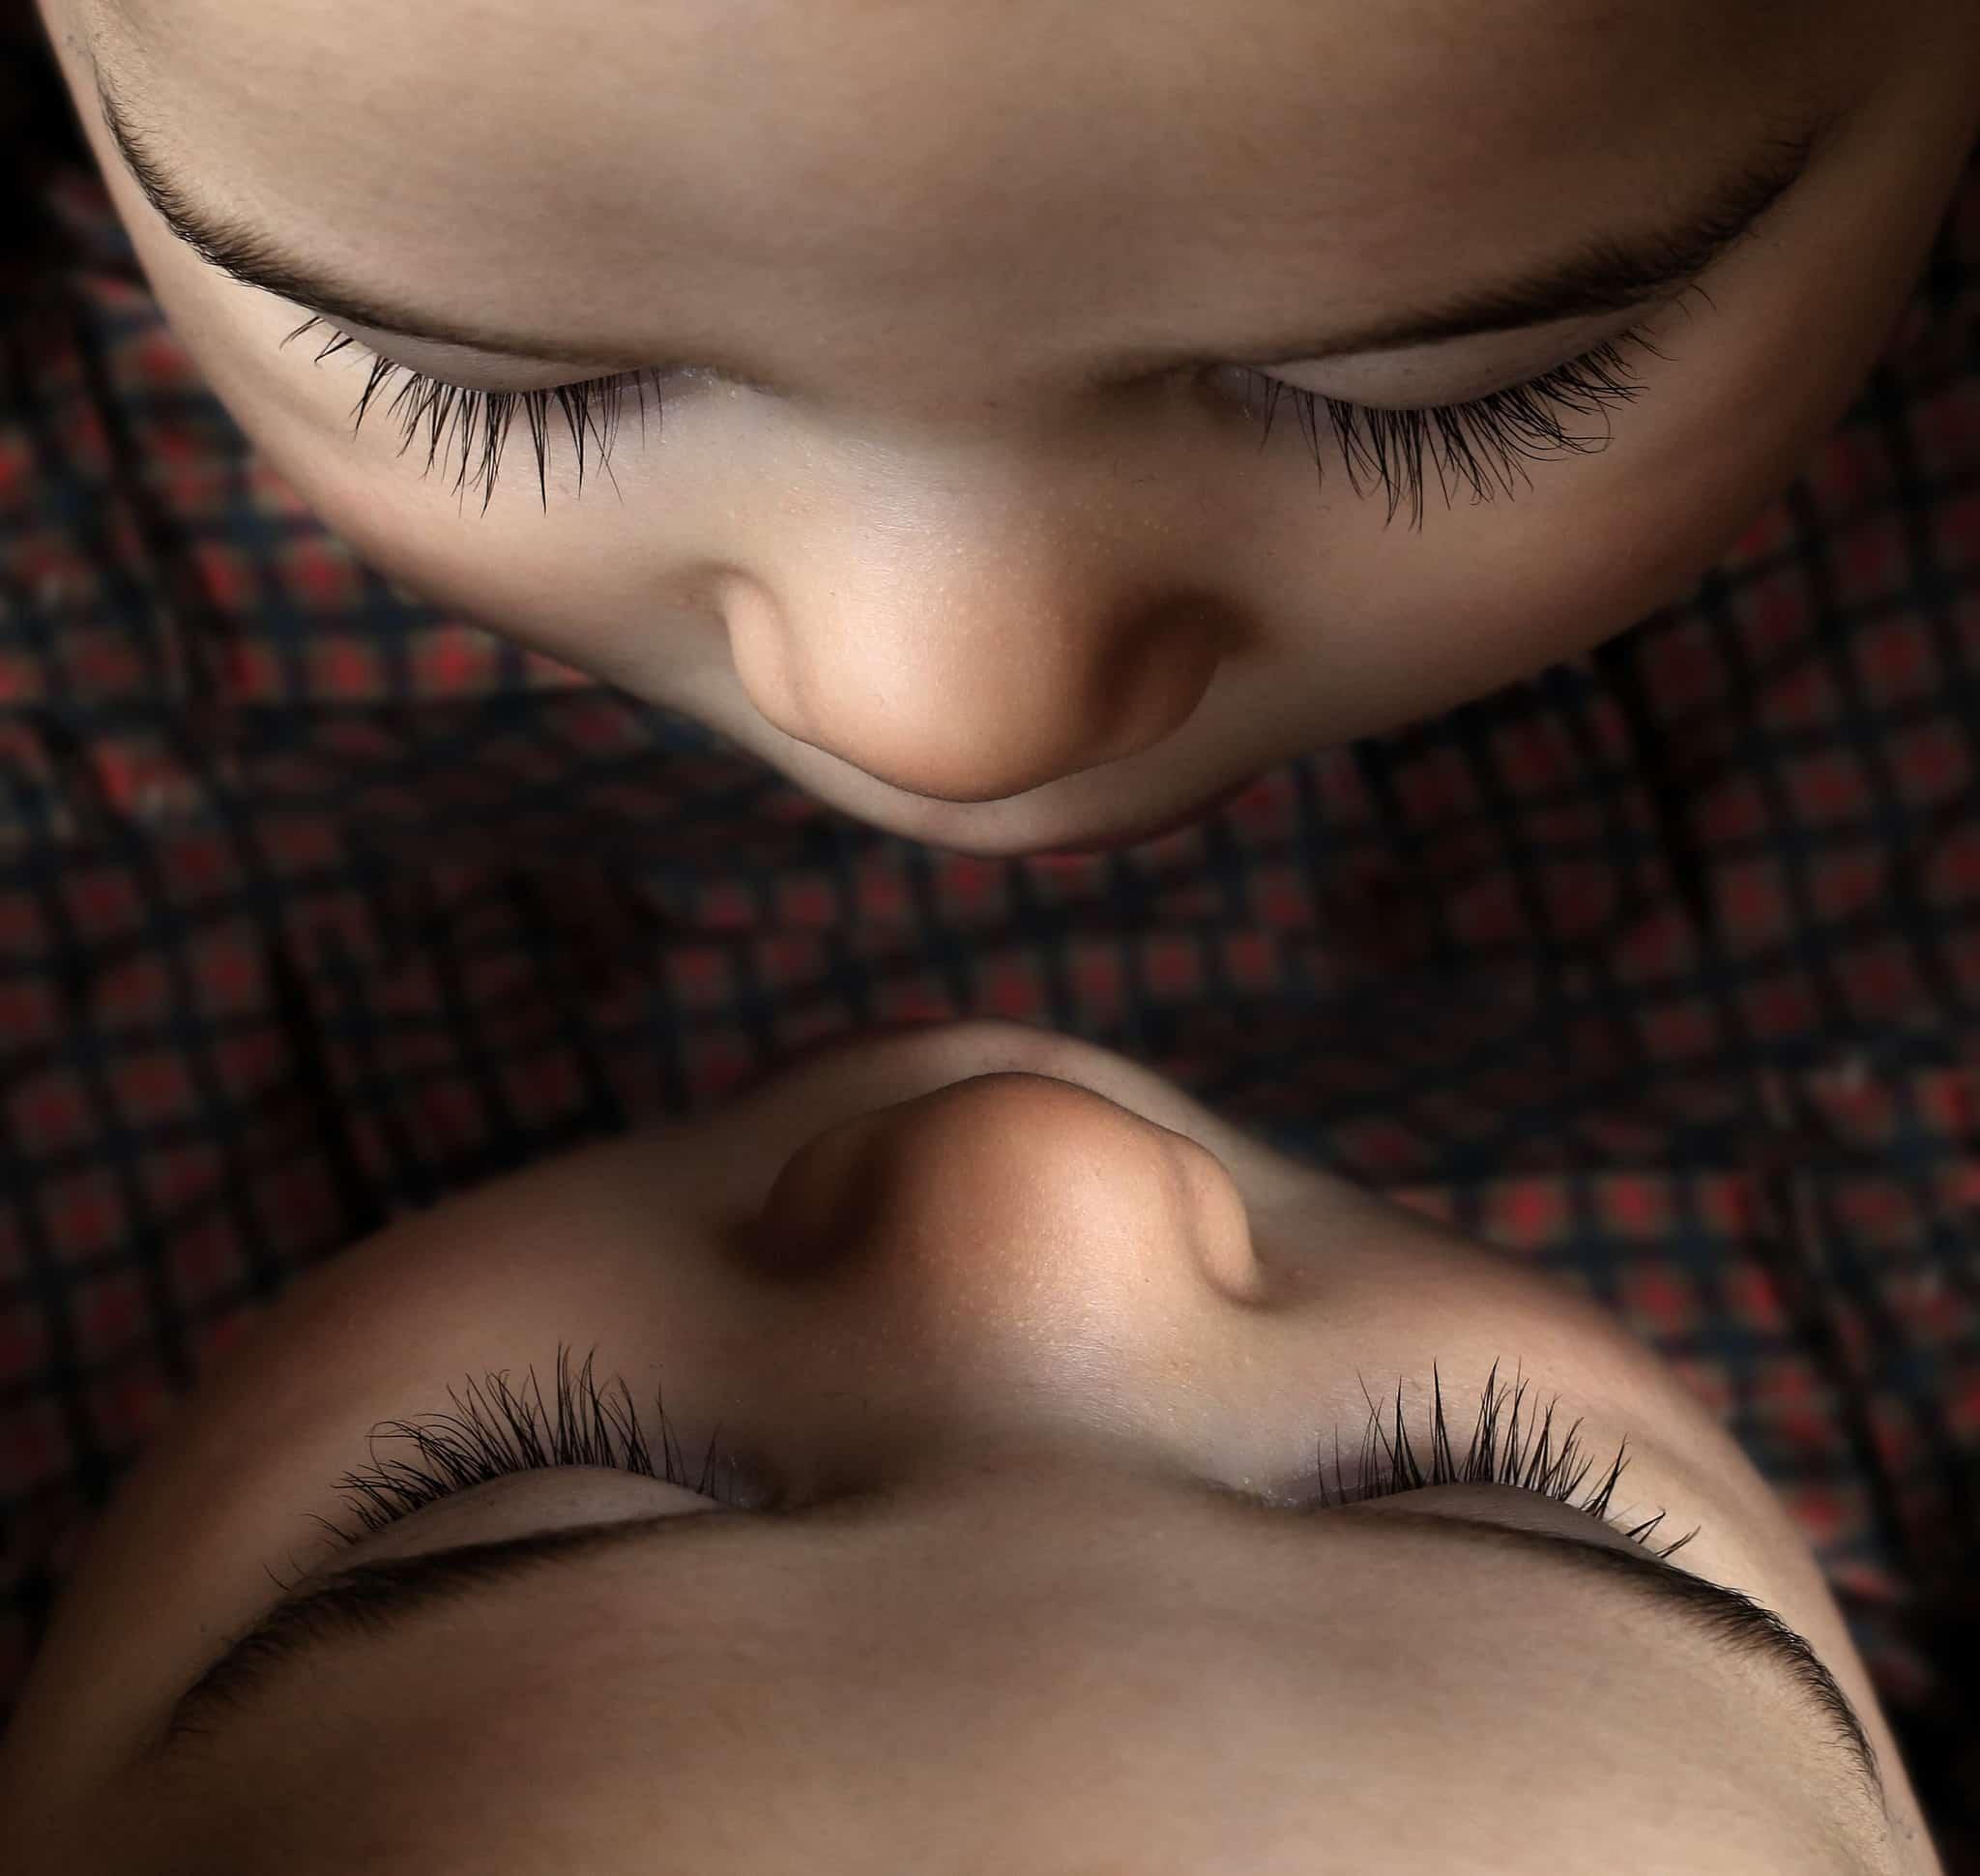 互いを見つめる双子の赤ちゃん